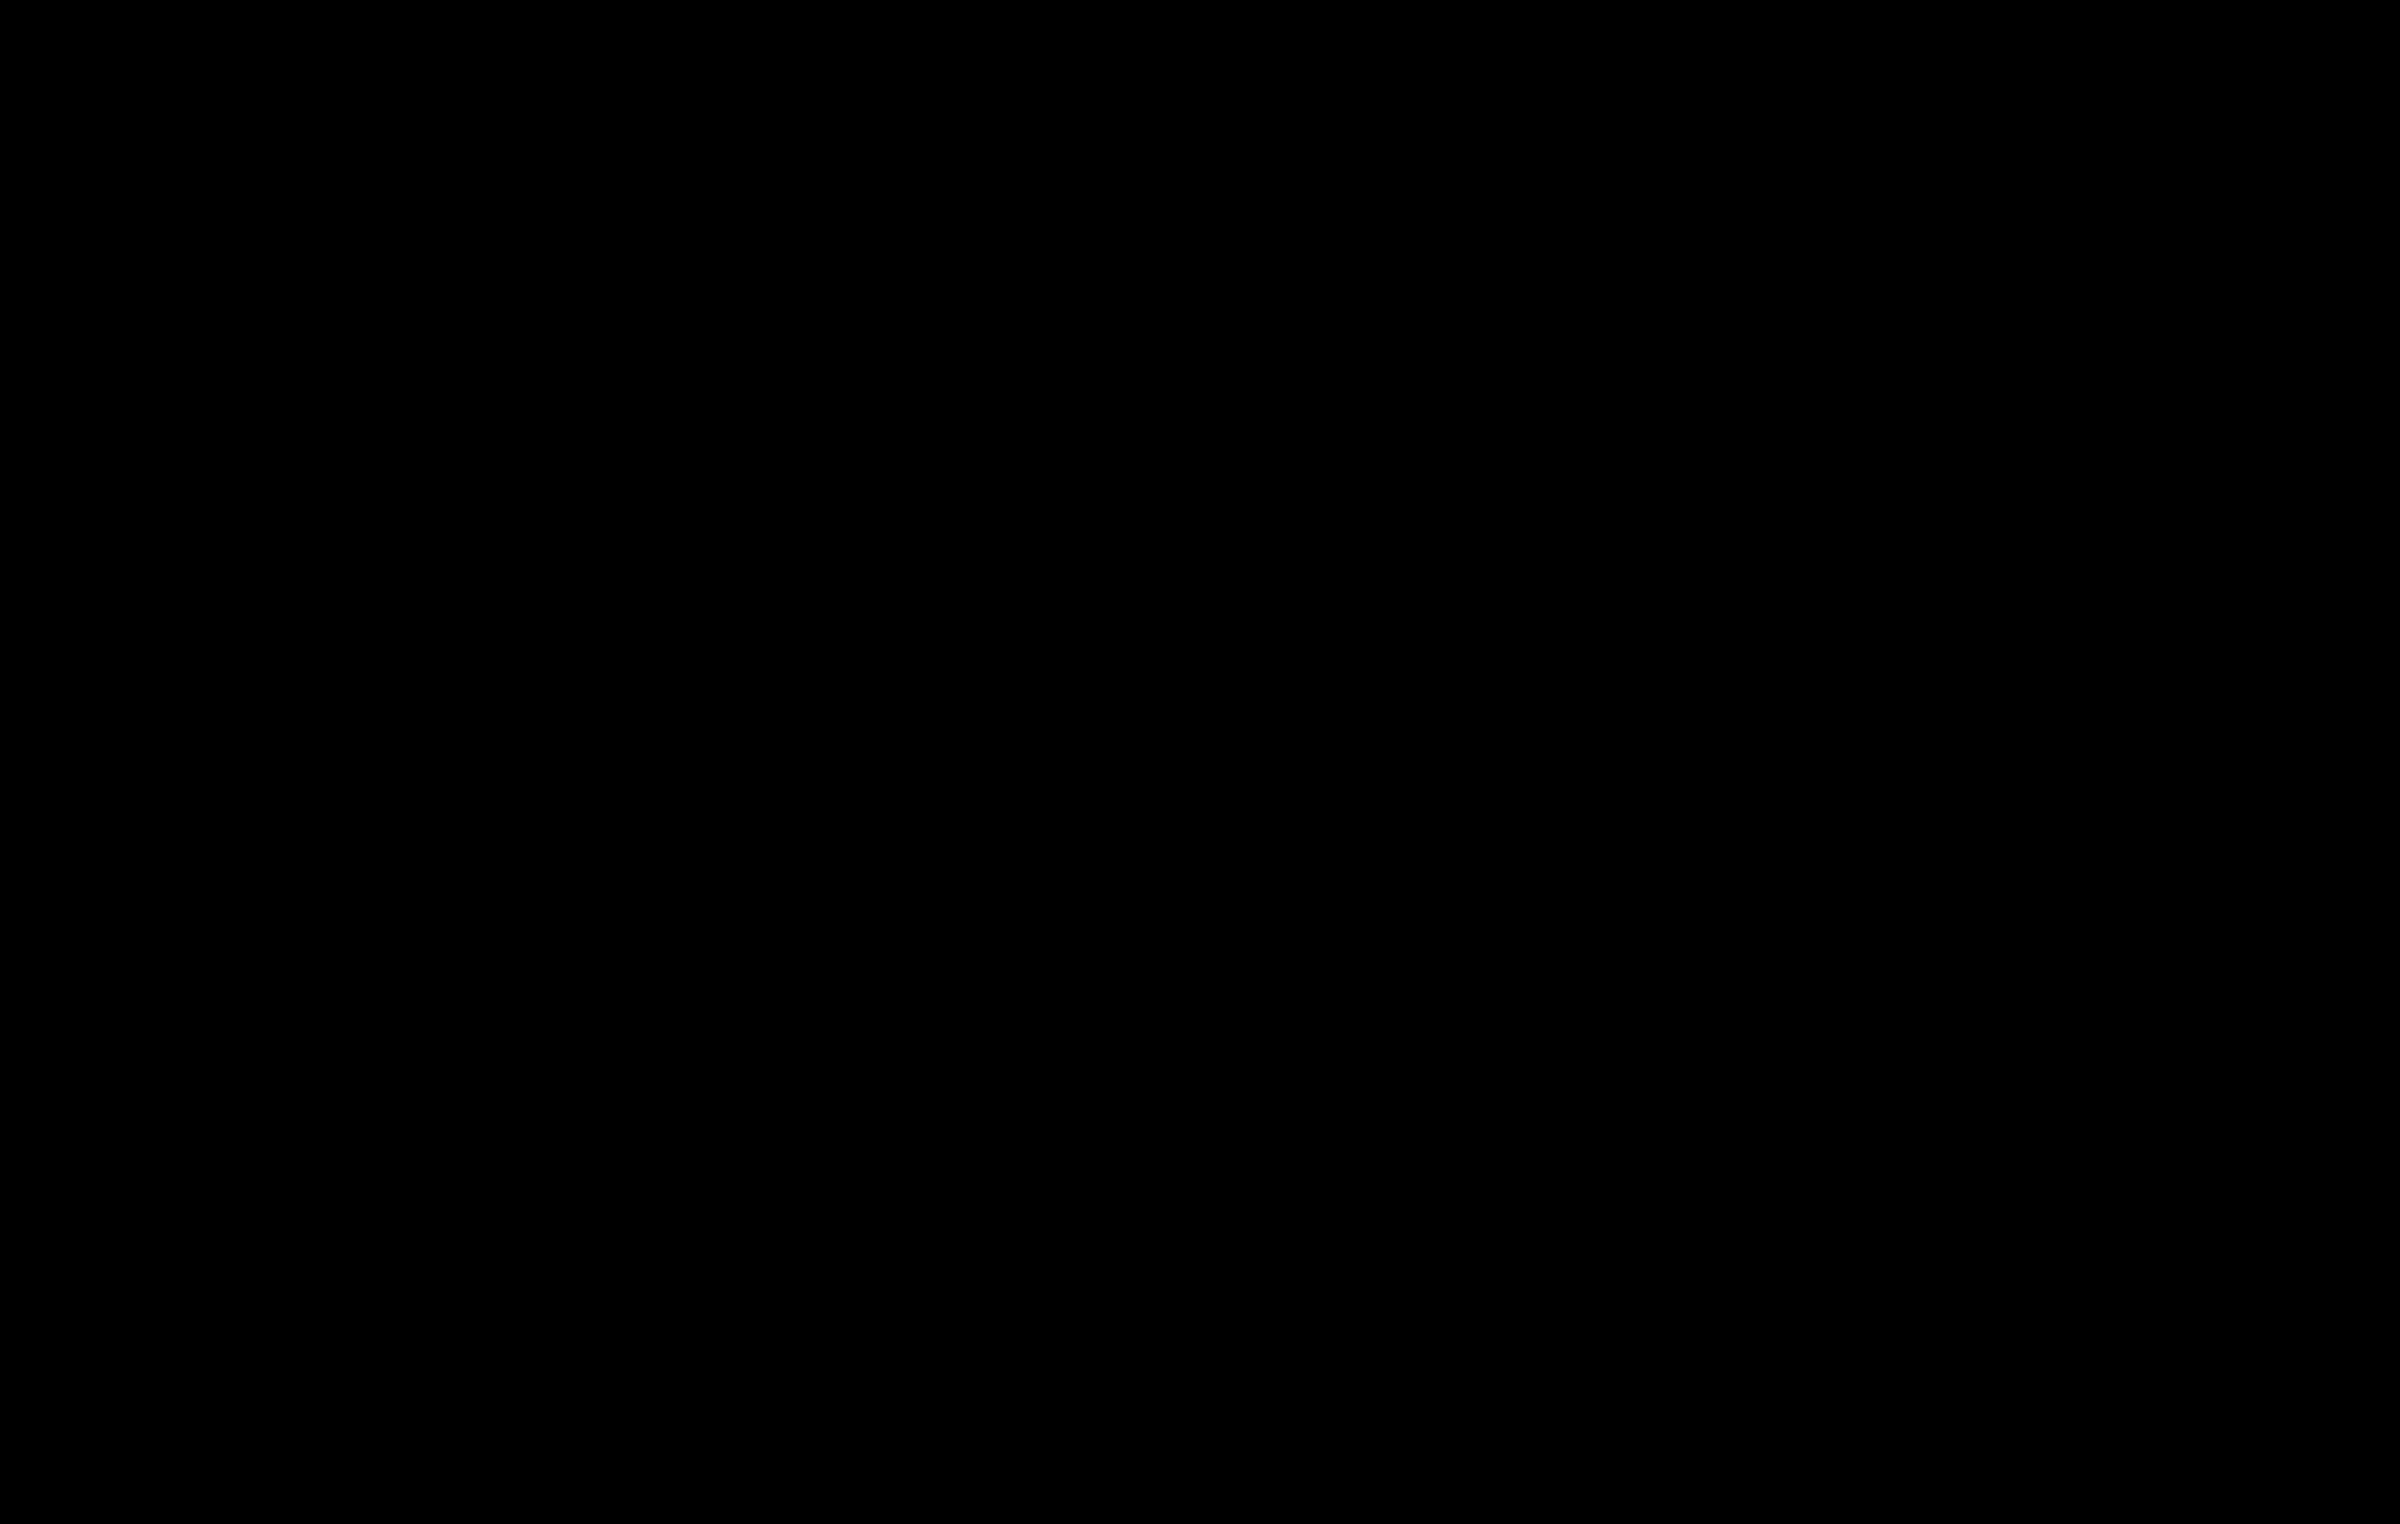 Mayan Pyramid PNG - 45437